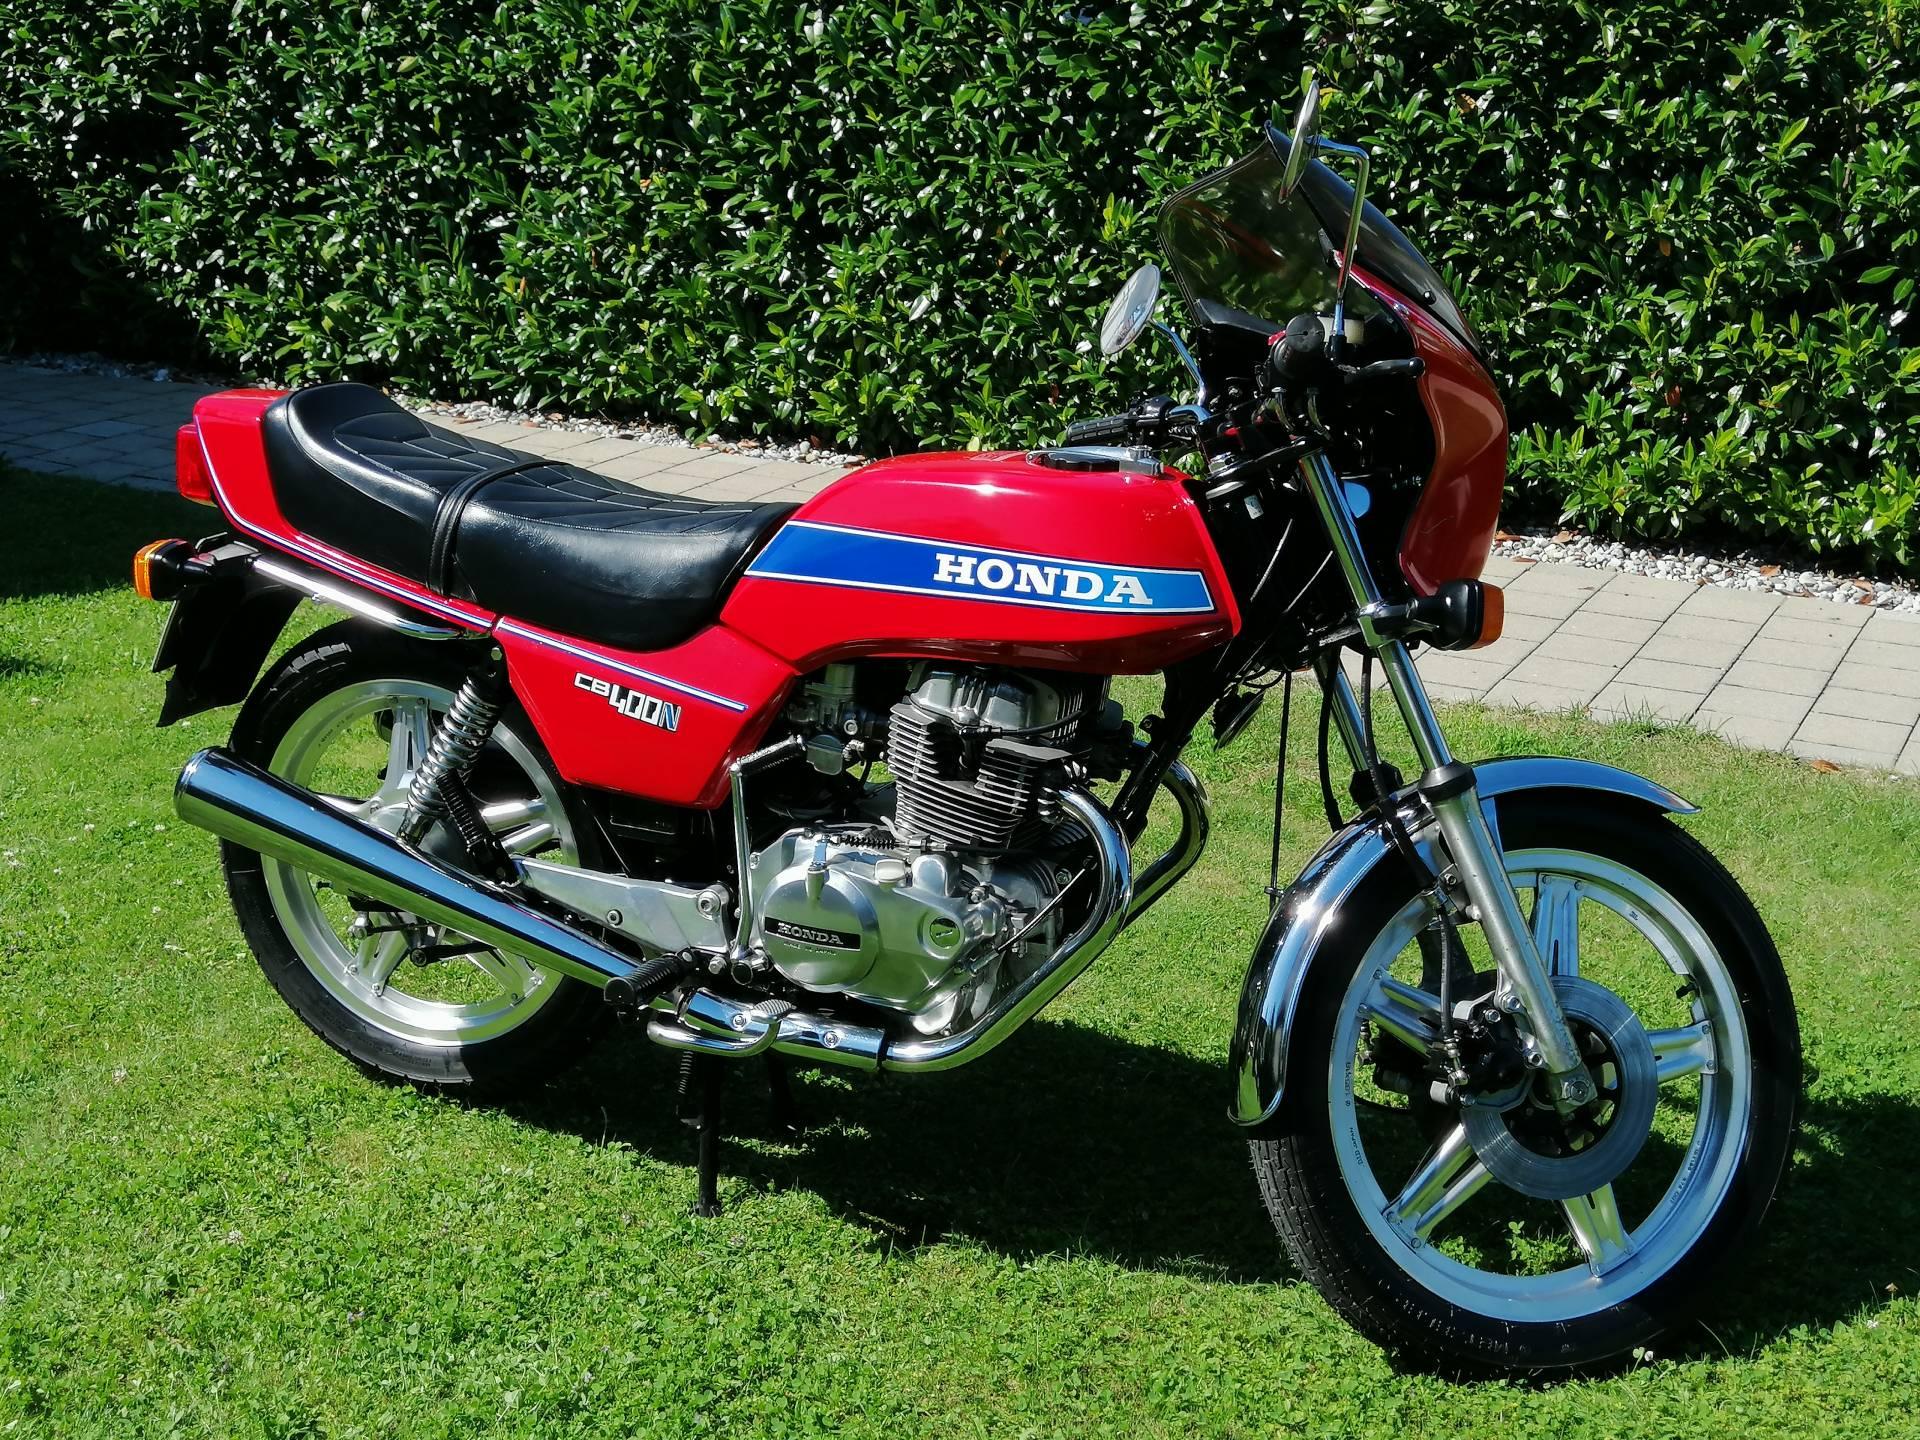 Buy 1980 Honda CB 400 Hawk. Great condition. on 2040-motos